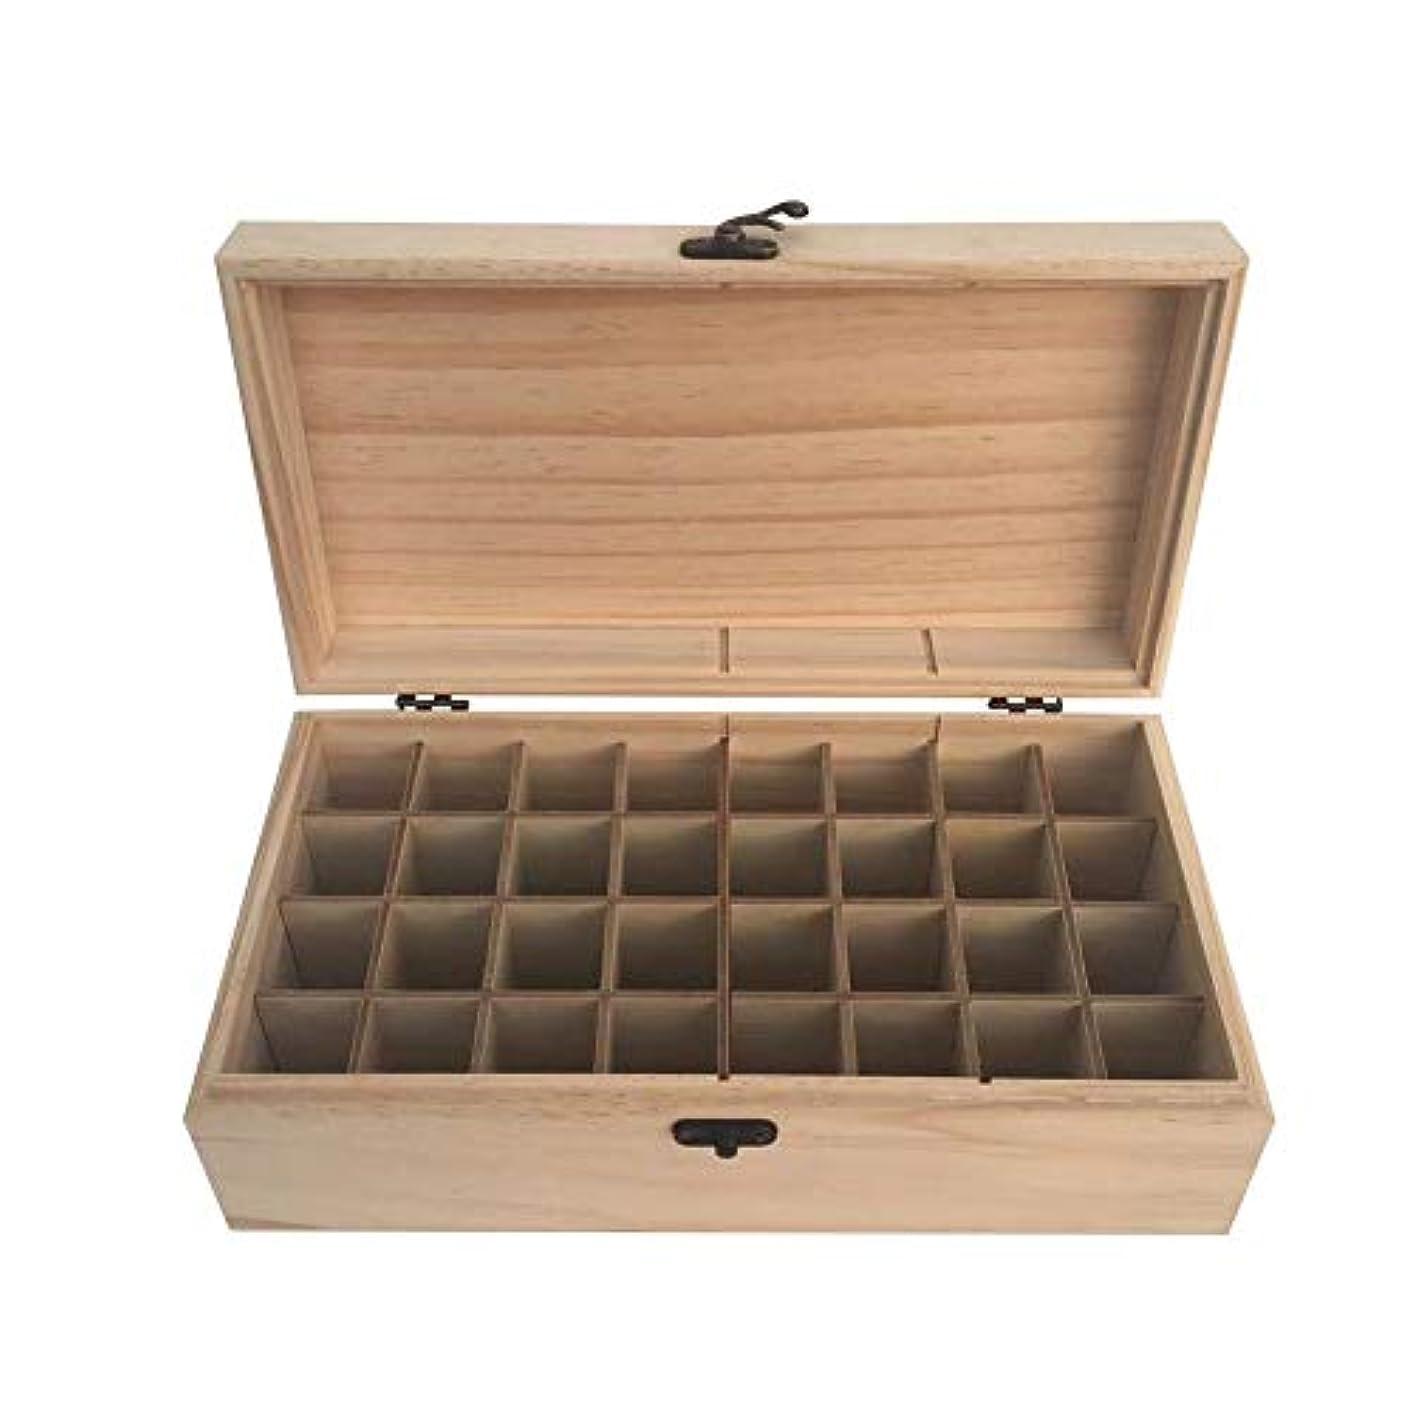 座るピンチ種類エッセンシャルオイル収納ボックス 精油収納ケース 大容量 32本収納可能 取り外し可能 木製 環境に優しい 5ml~15mlの精油ボルトに対応 junexi